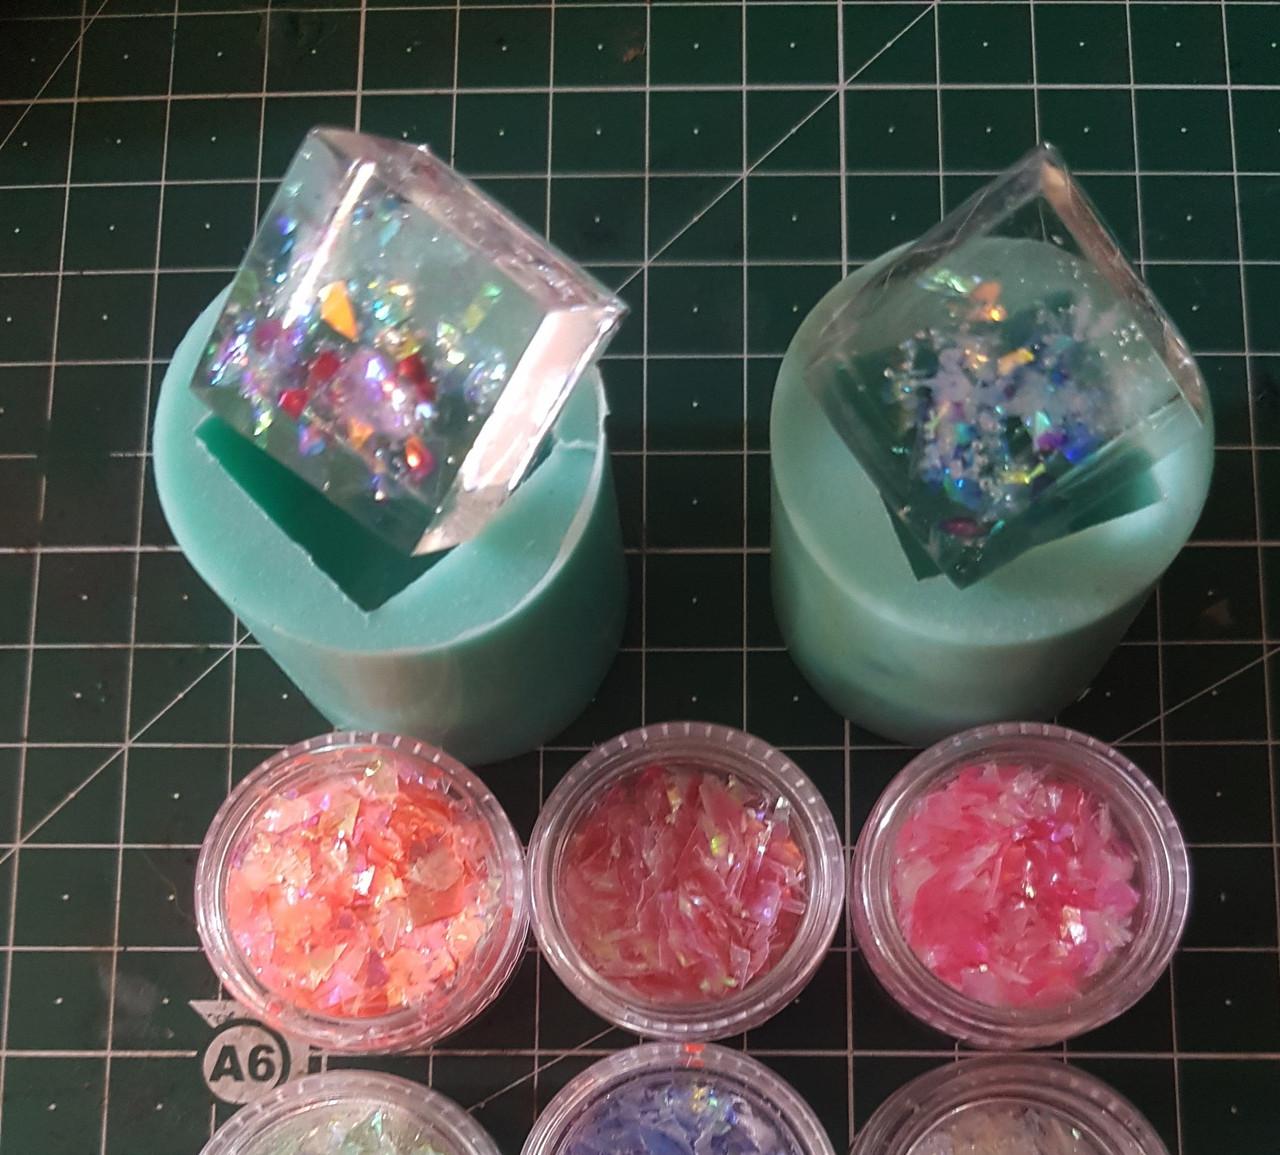 НОВИНКА:Набор 12 шт. для декора Glint Глинт, эффект рваной фольги